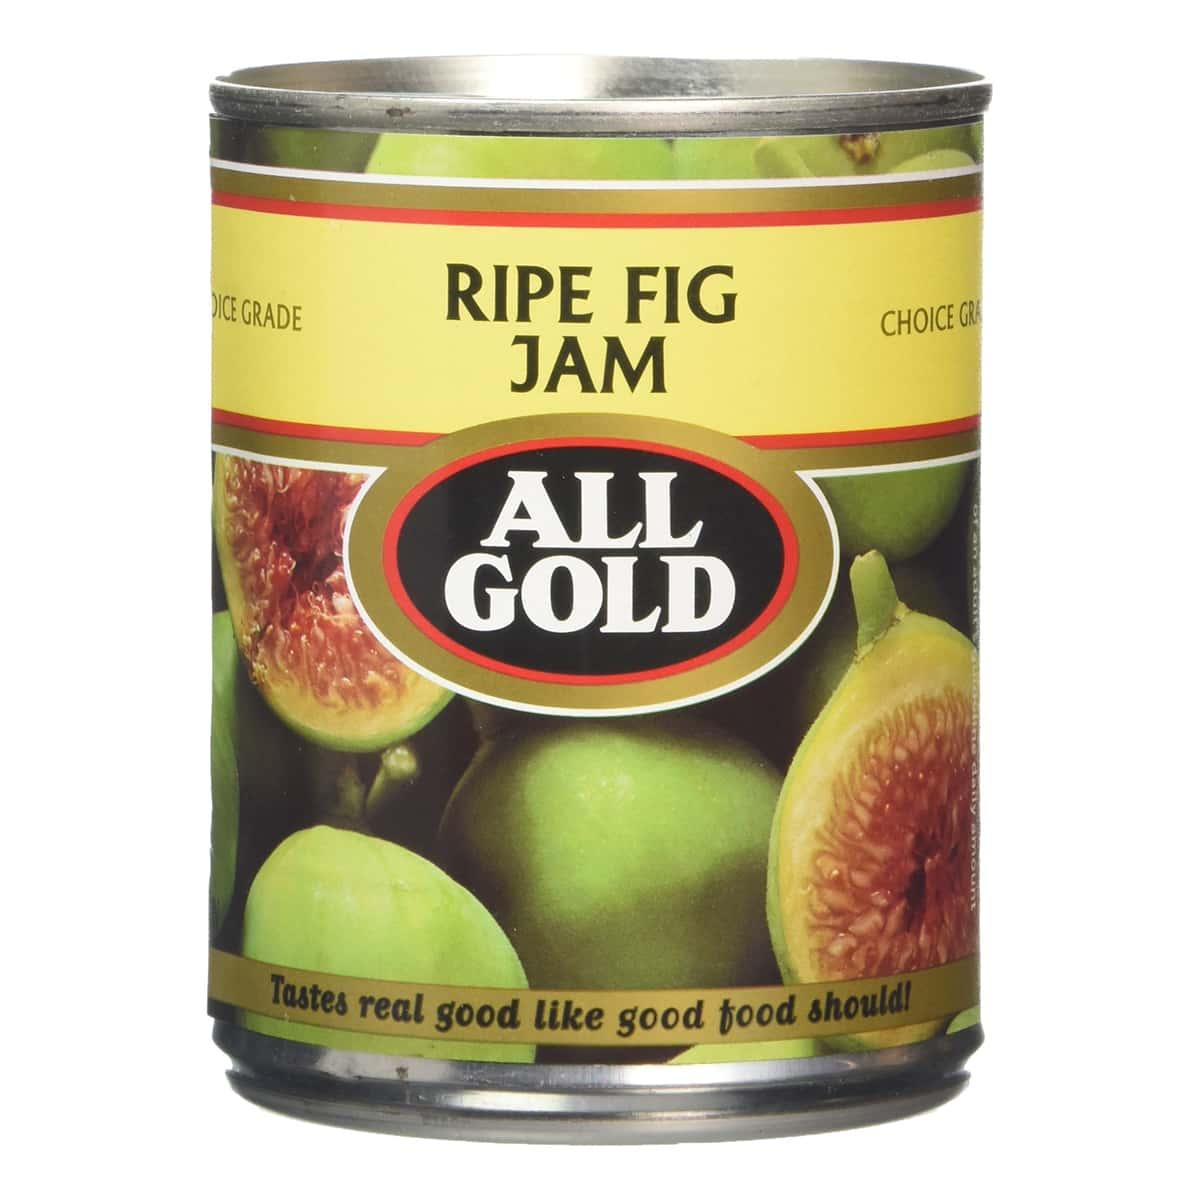 Buy All Gold Ripe Fig Jam - 450 gm